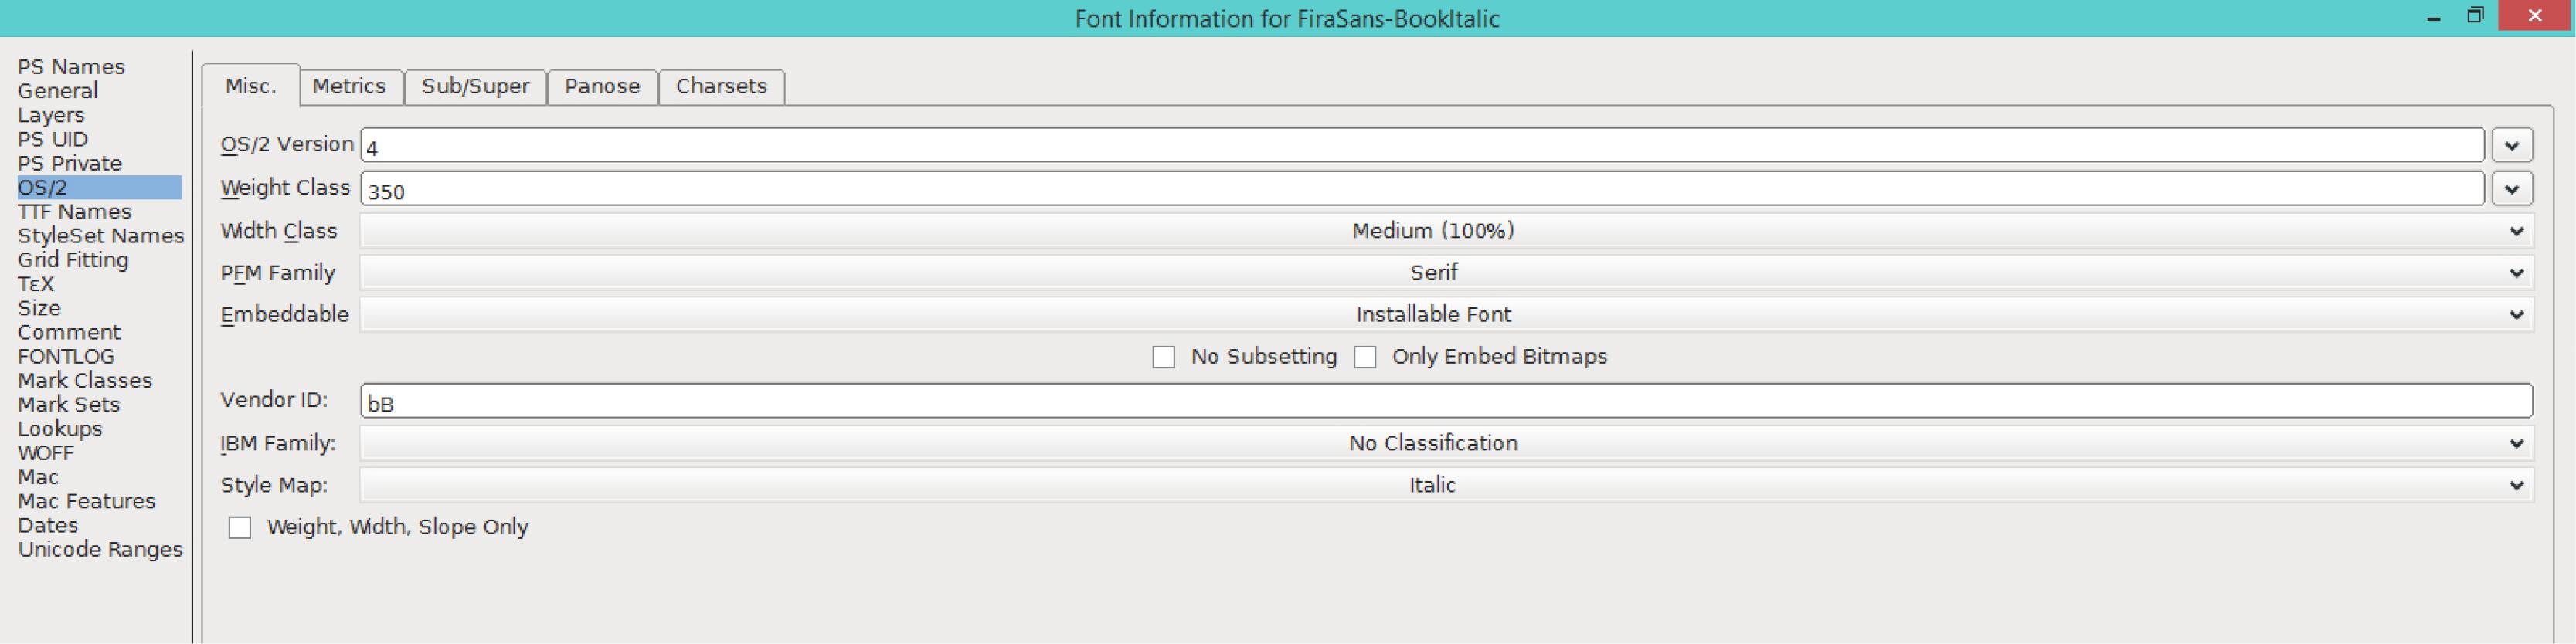 Fira Sans Book Italic (OS/2)